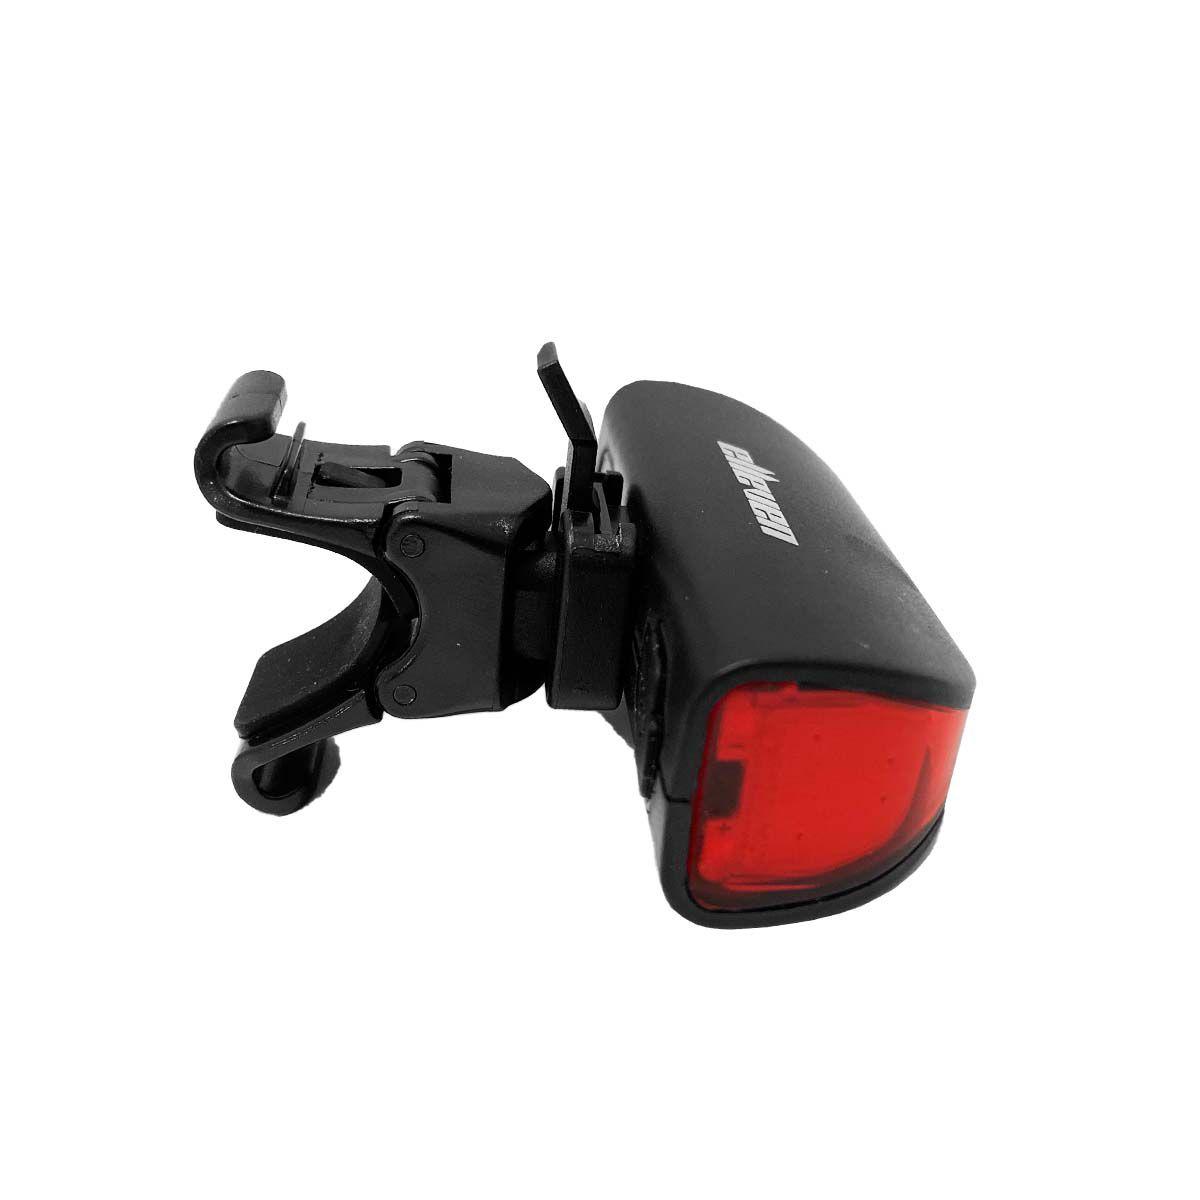 Lanterna Traseira Pisca Light Elleven 30 Lumens Usb 15 Chips